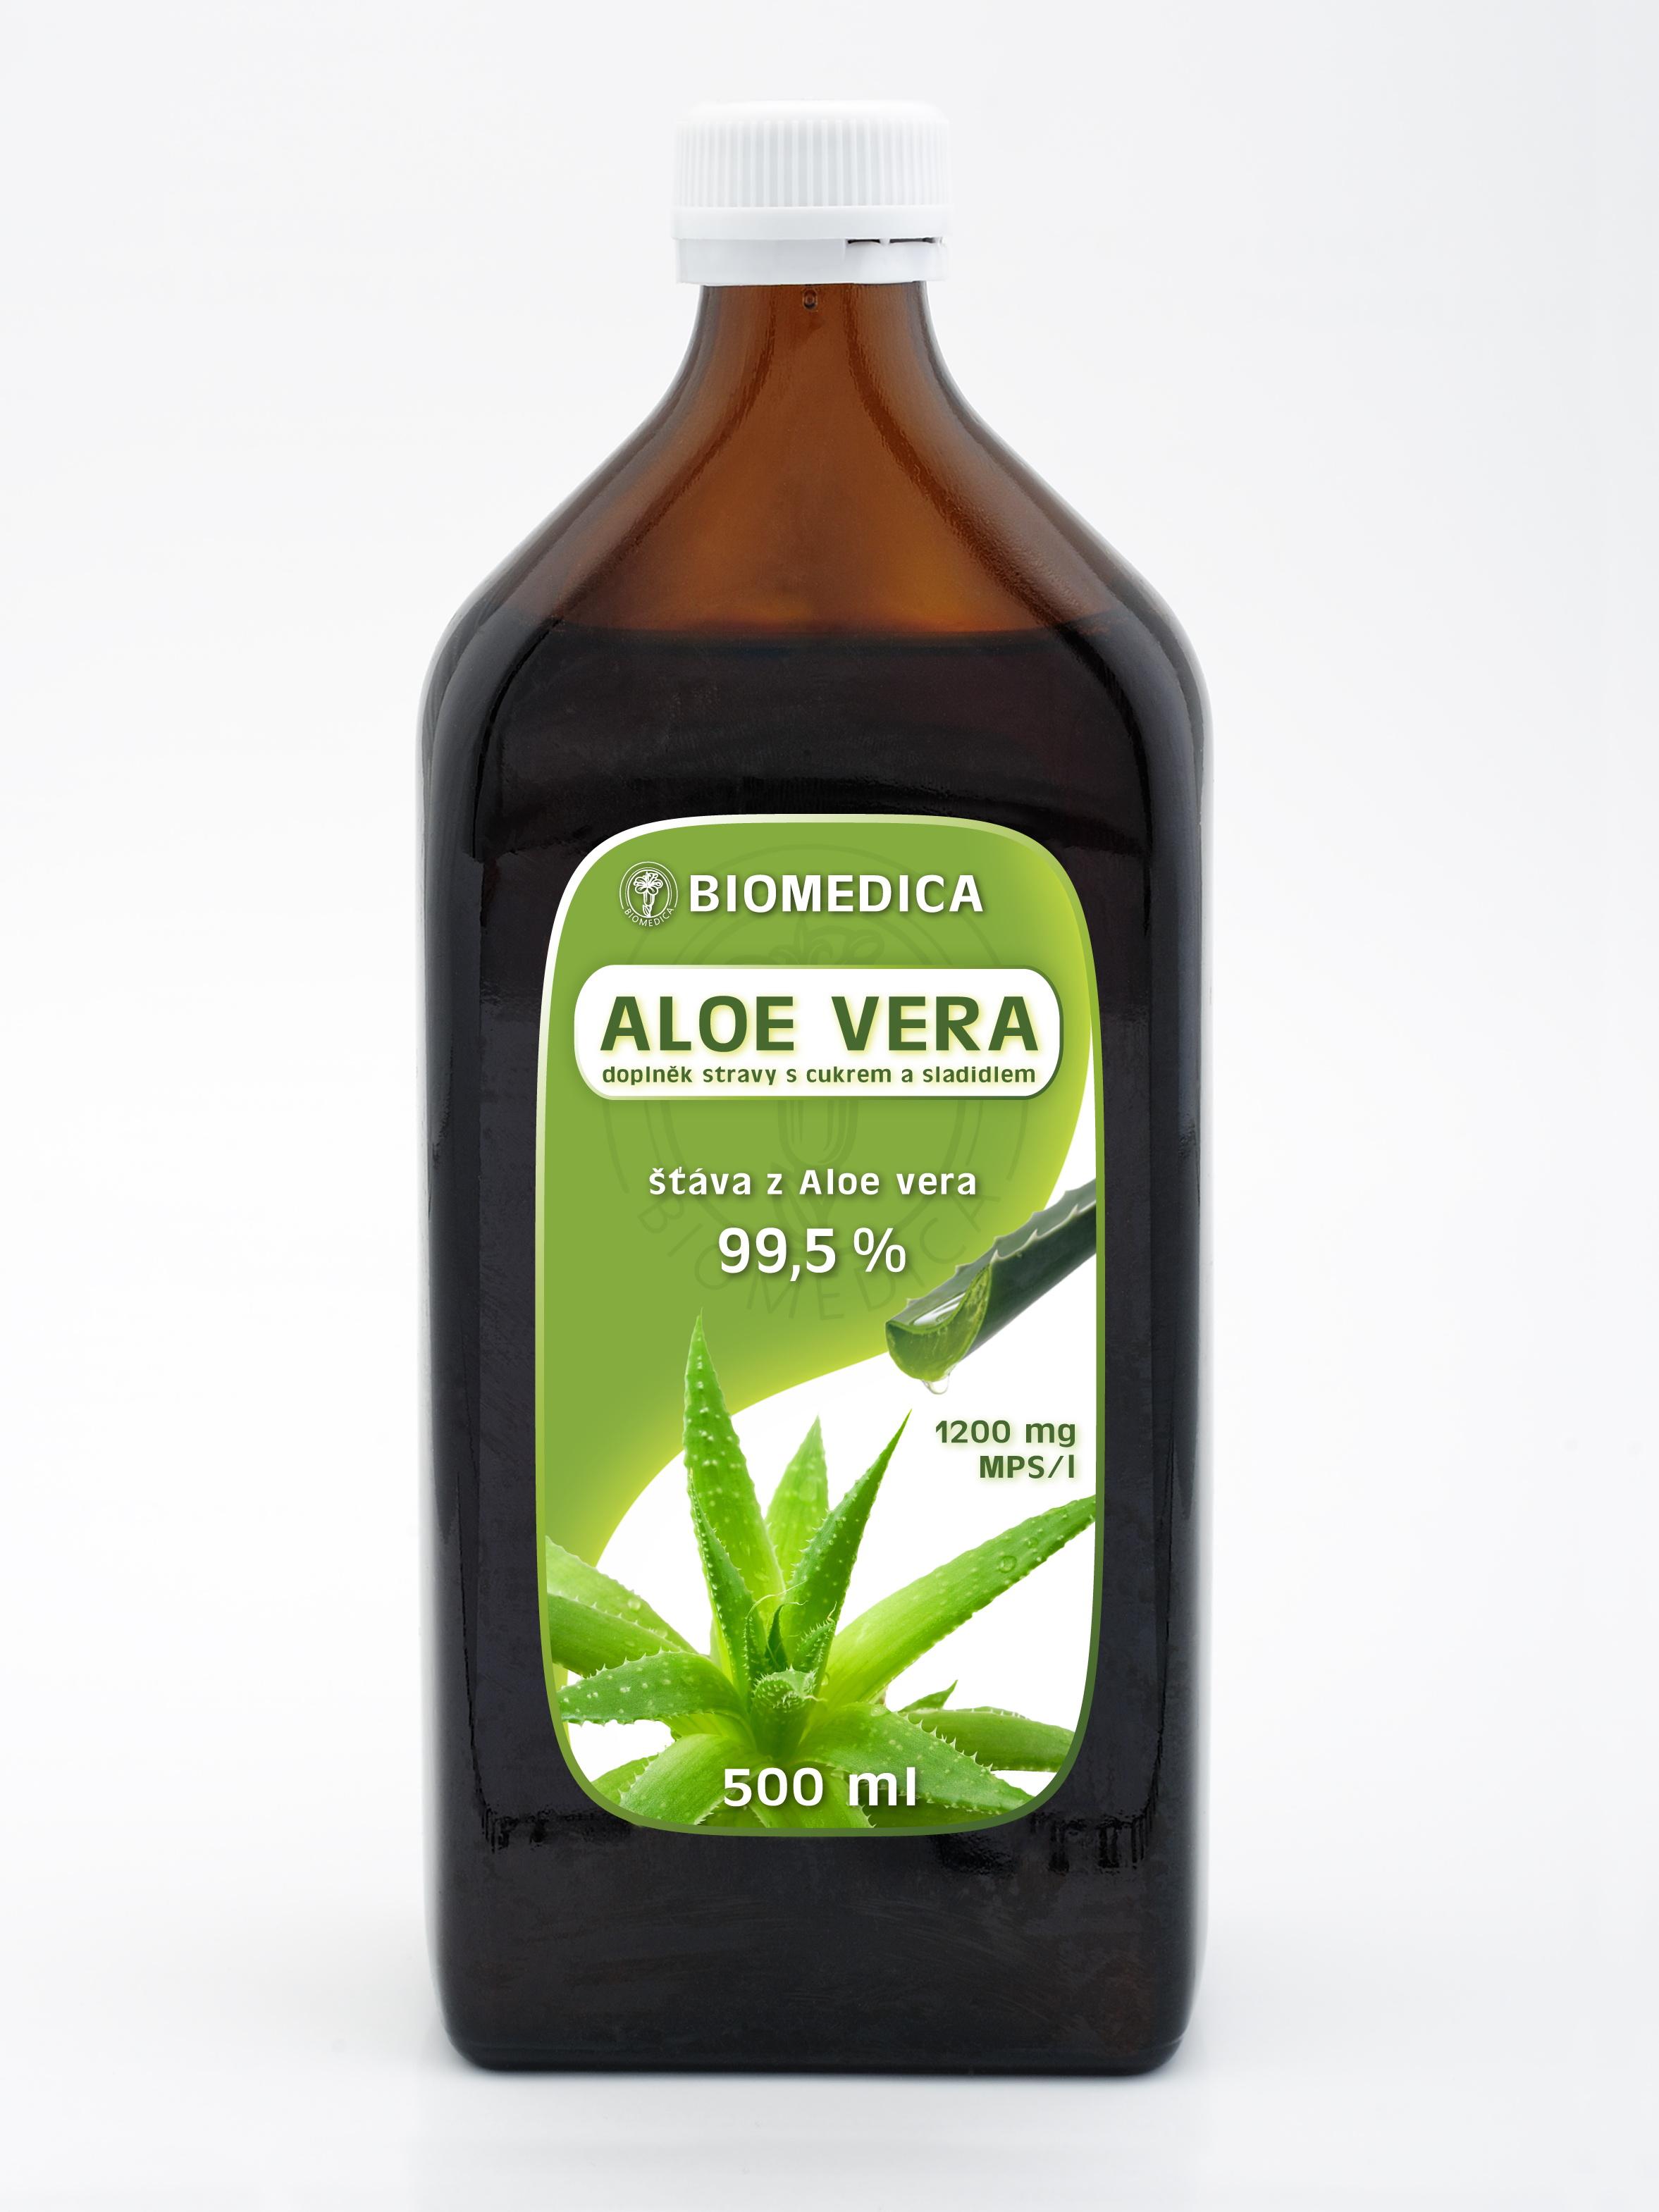 ALOE VERA BIOMEDICA Doplněk stravy Výrobek obsahuje 99,5% šťávu s malými kousky gelovité dužiny Aloe...